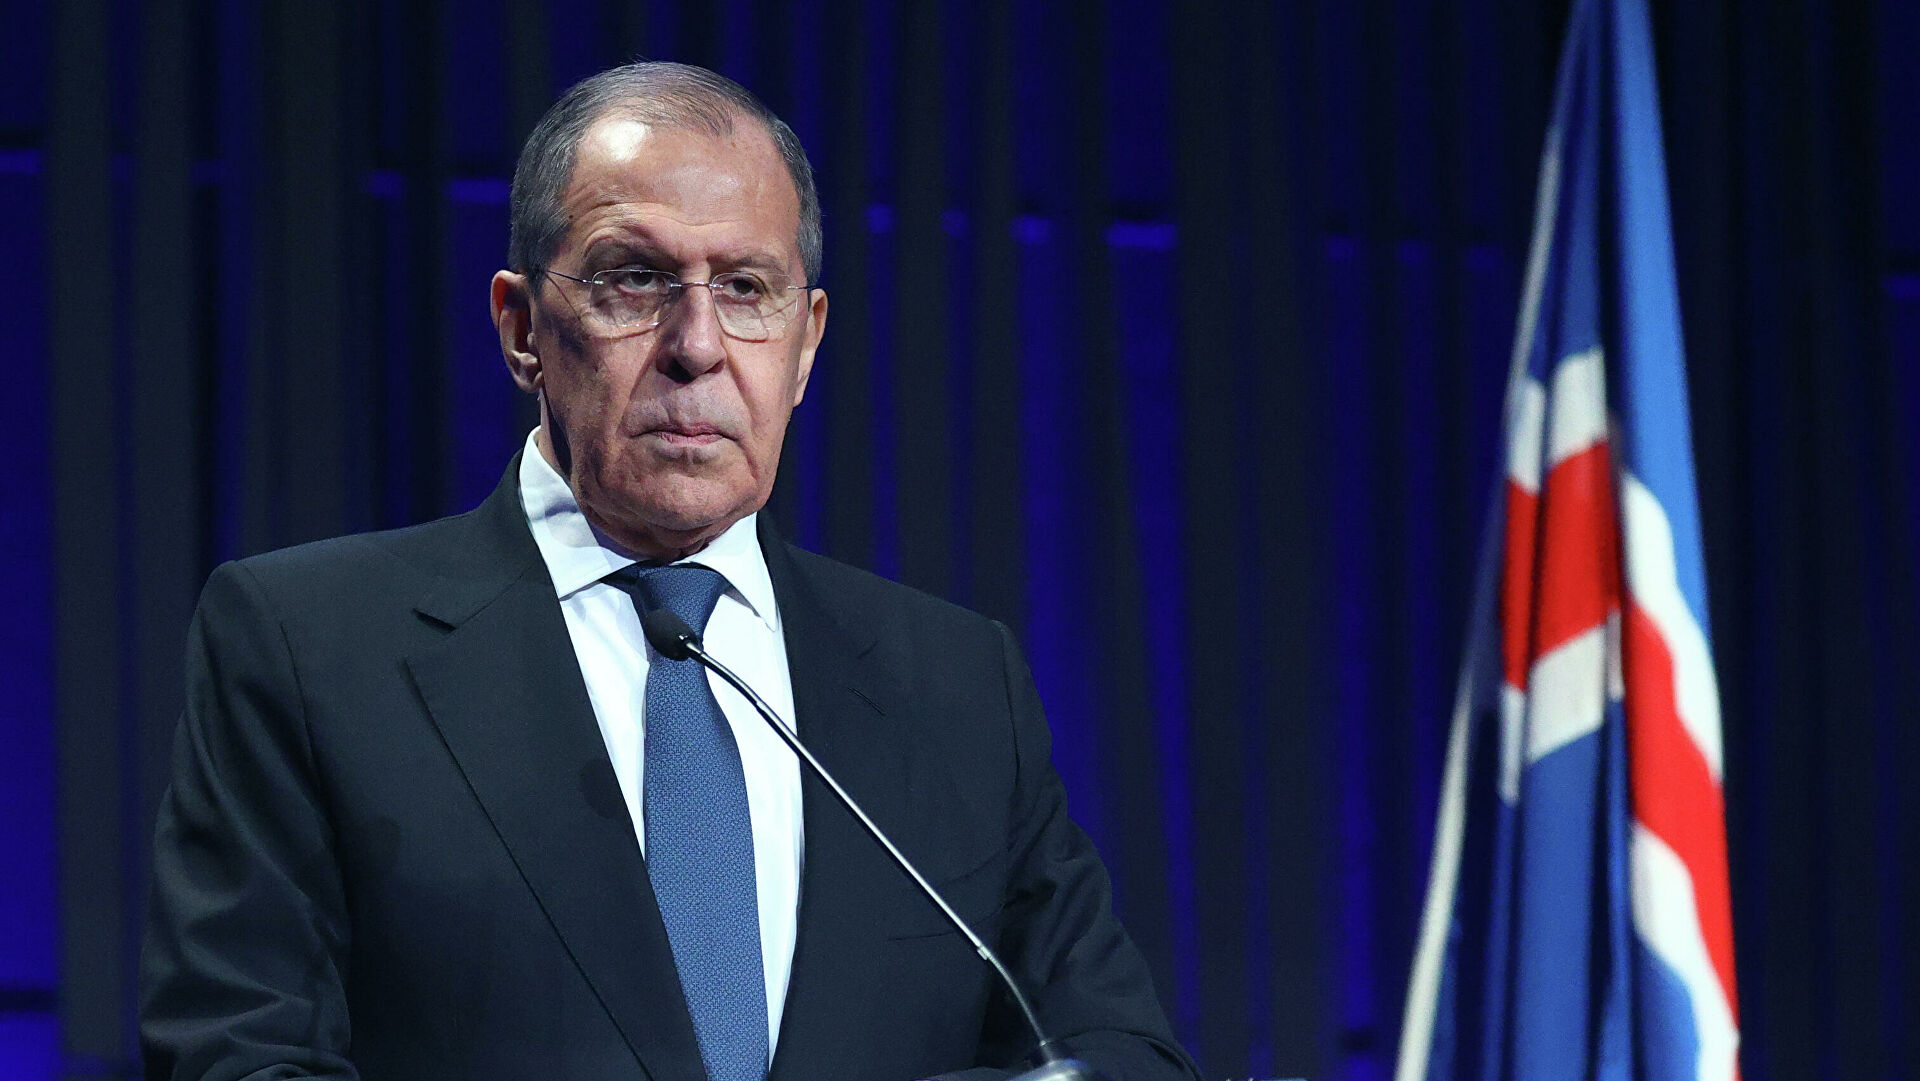 Россия готова к нормализации отношений с Евросоюзом, заявил Лавров